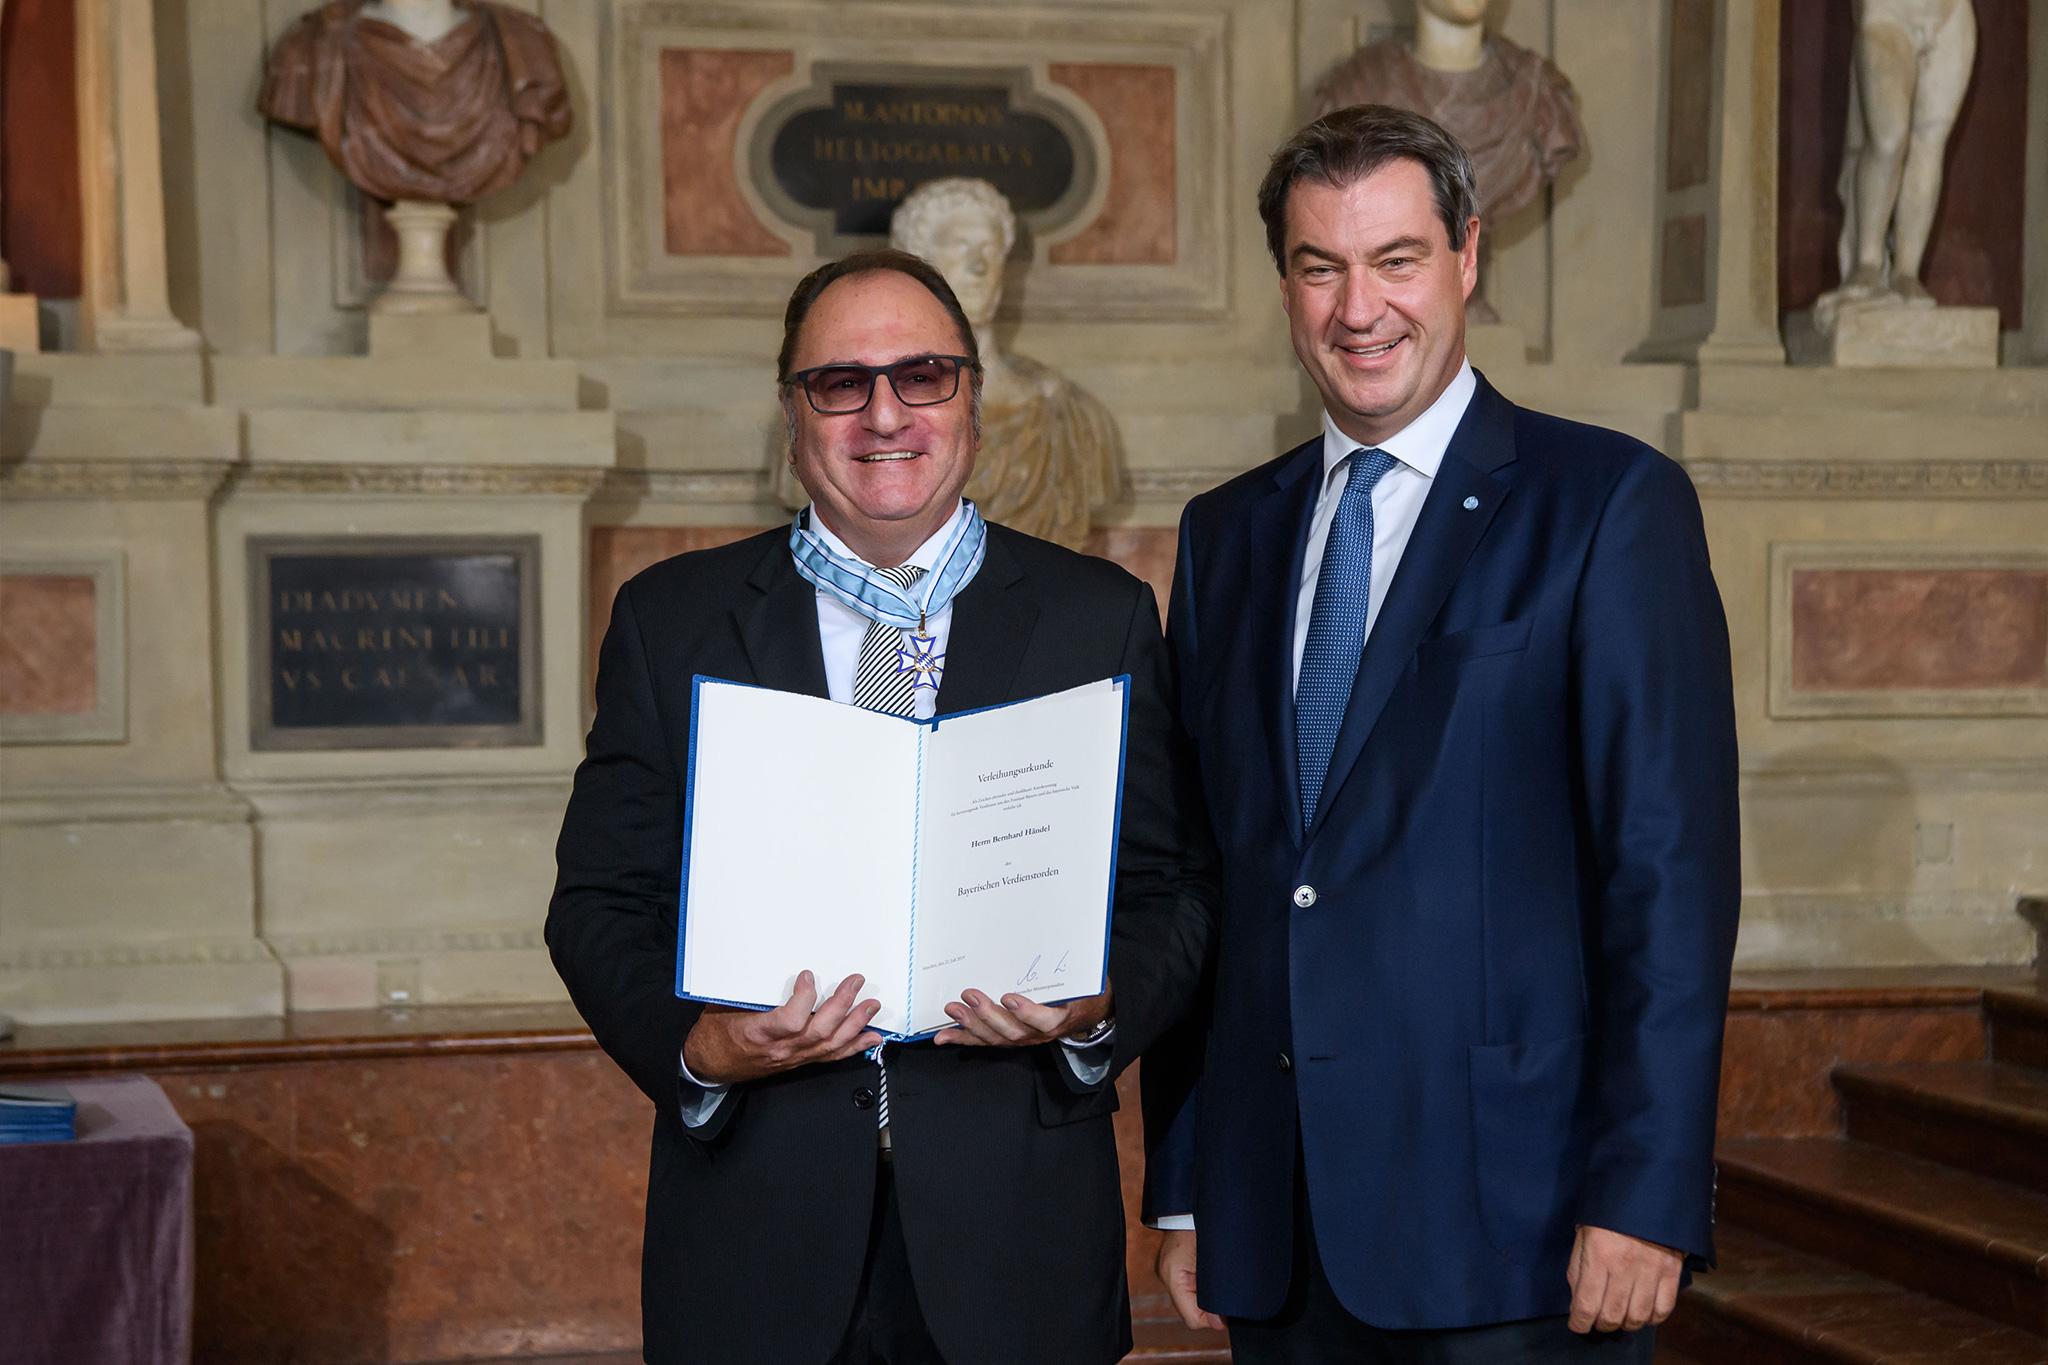 Bayerischer Verdienstorden für Bernd Händel